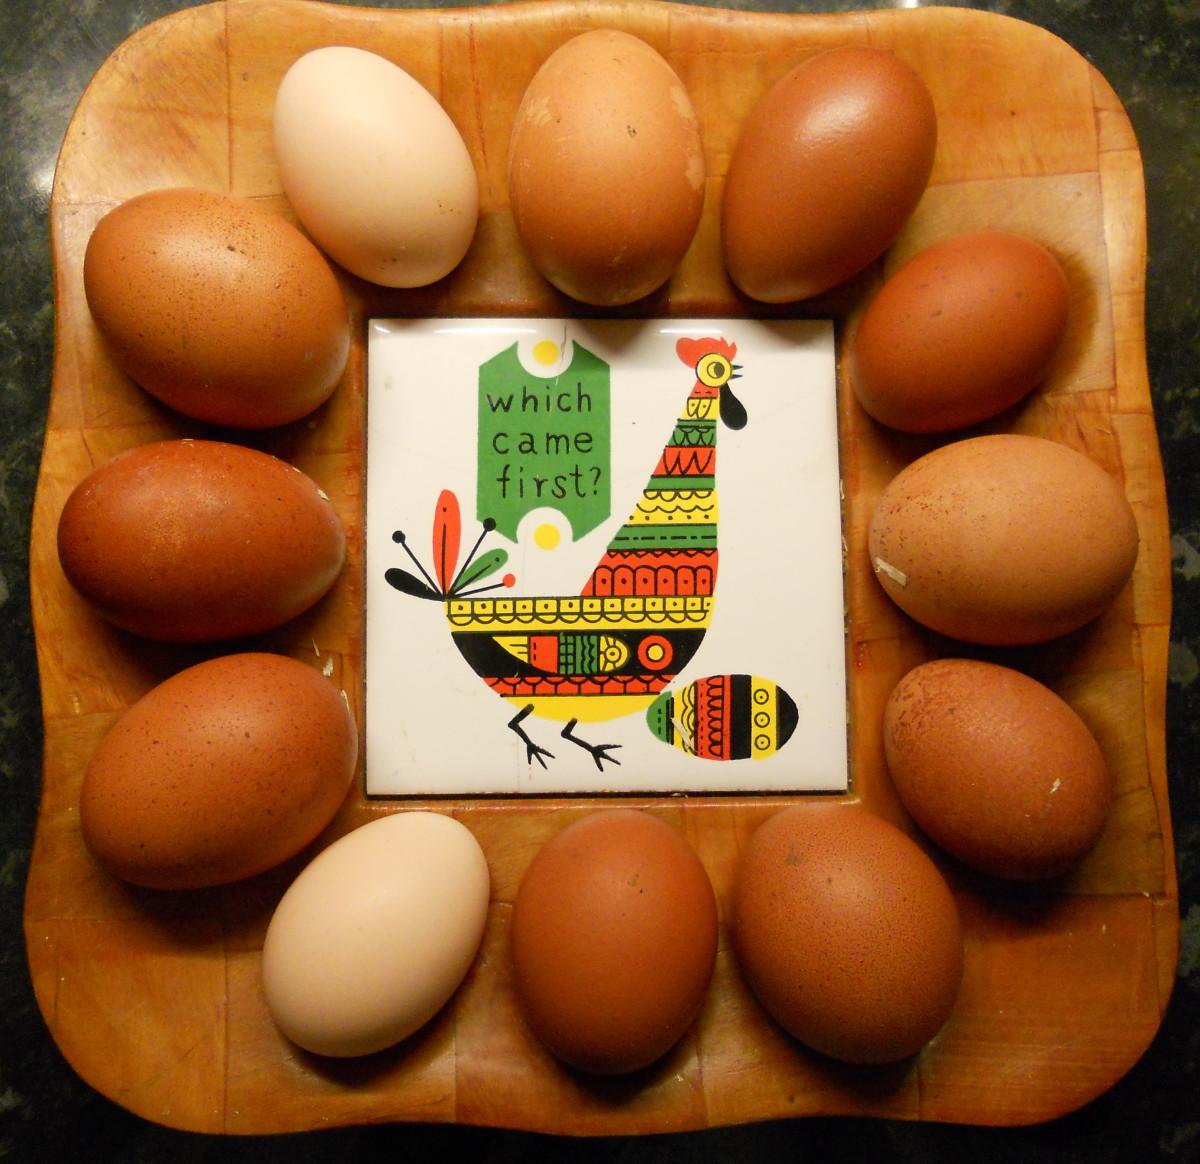 Eggs are rich in vitamin D